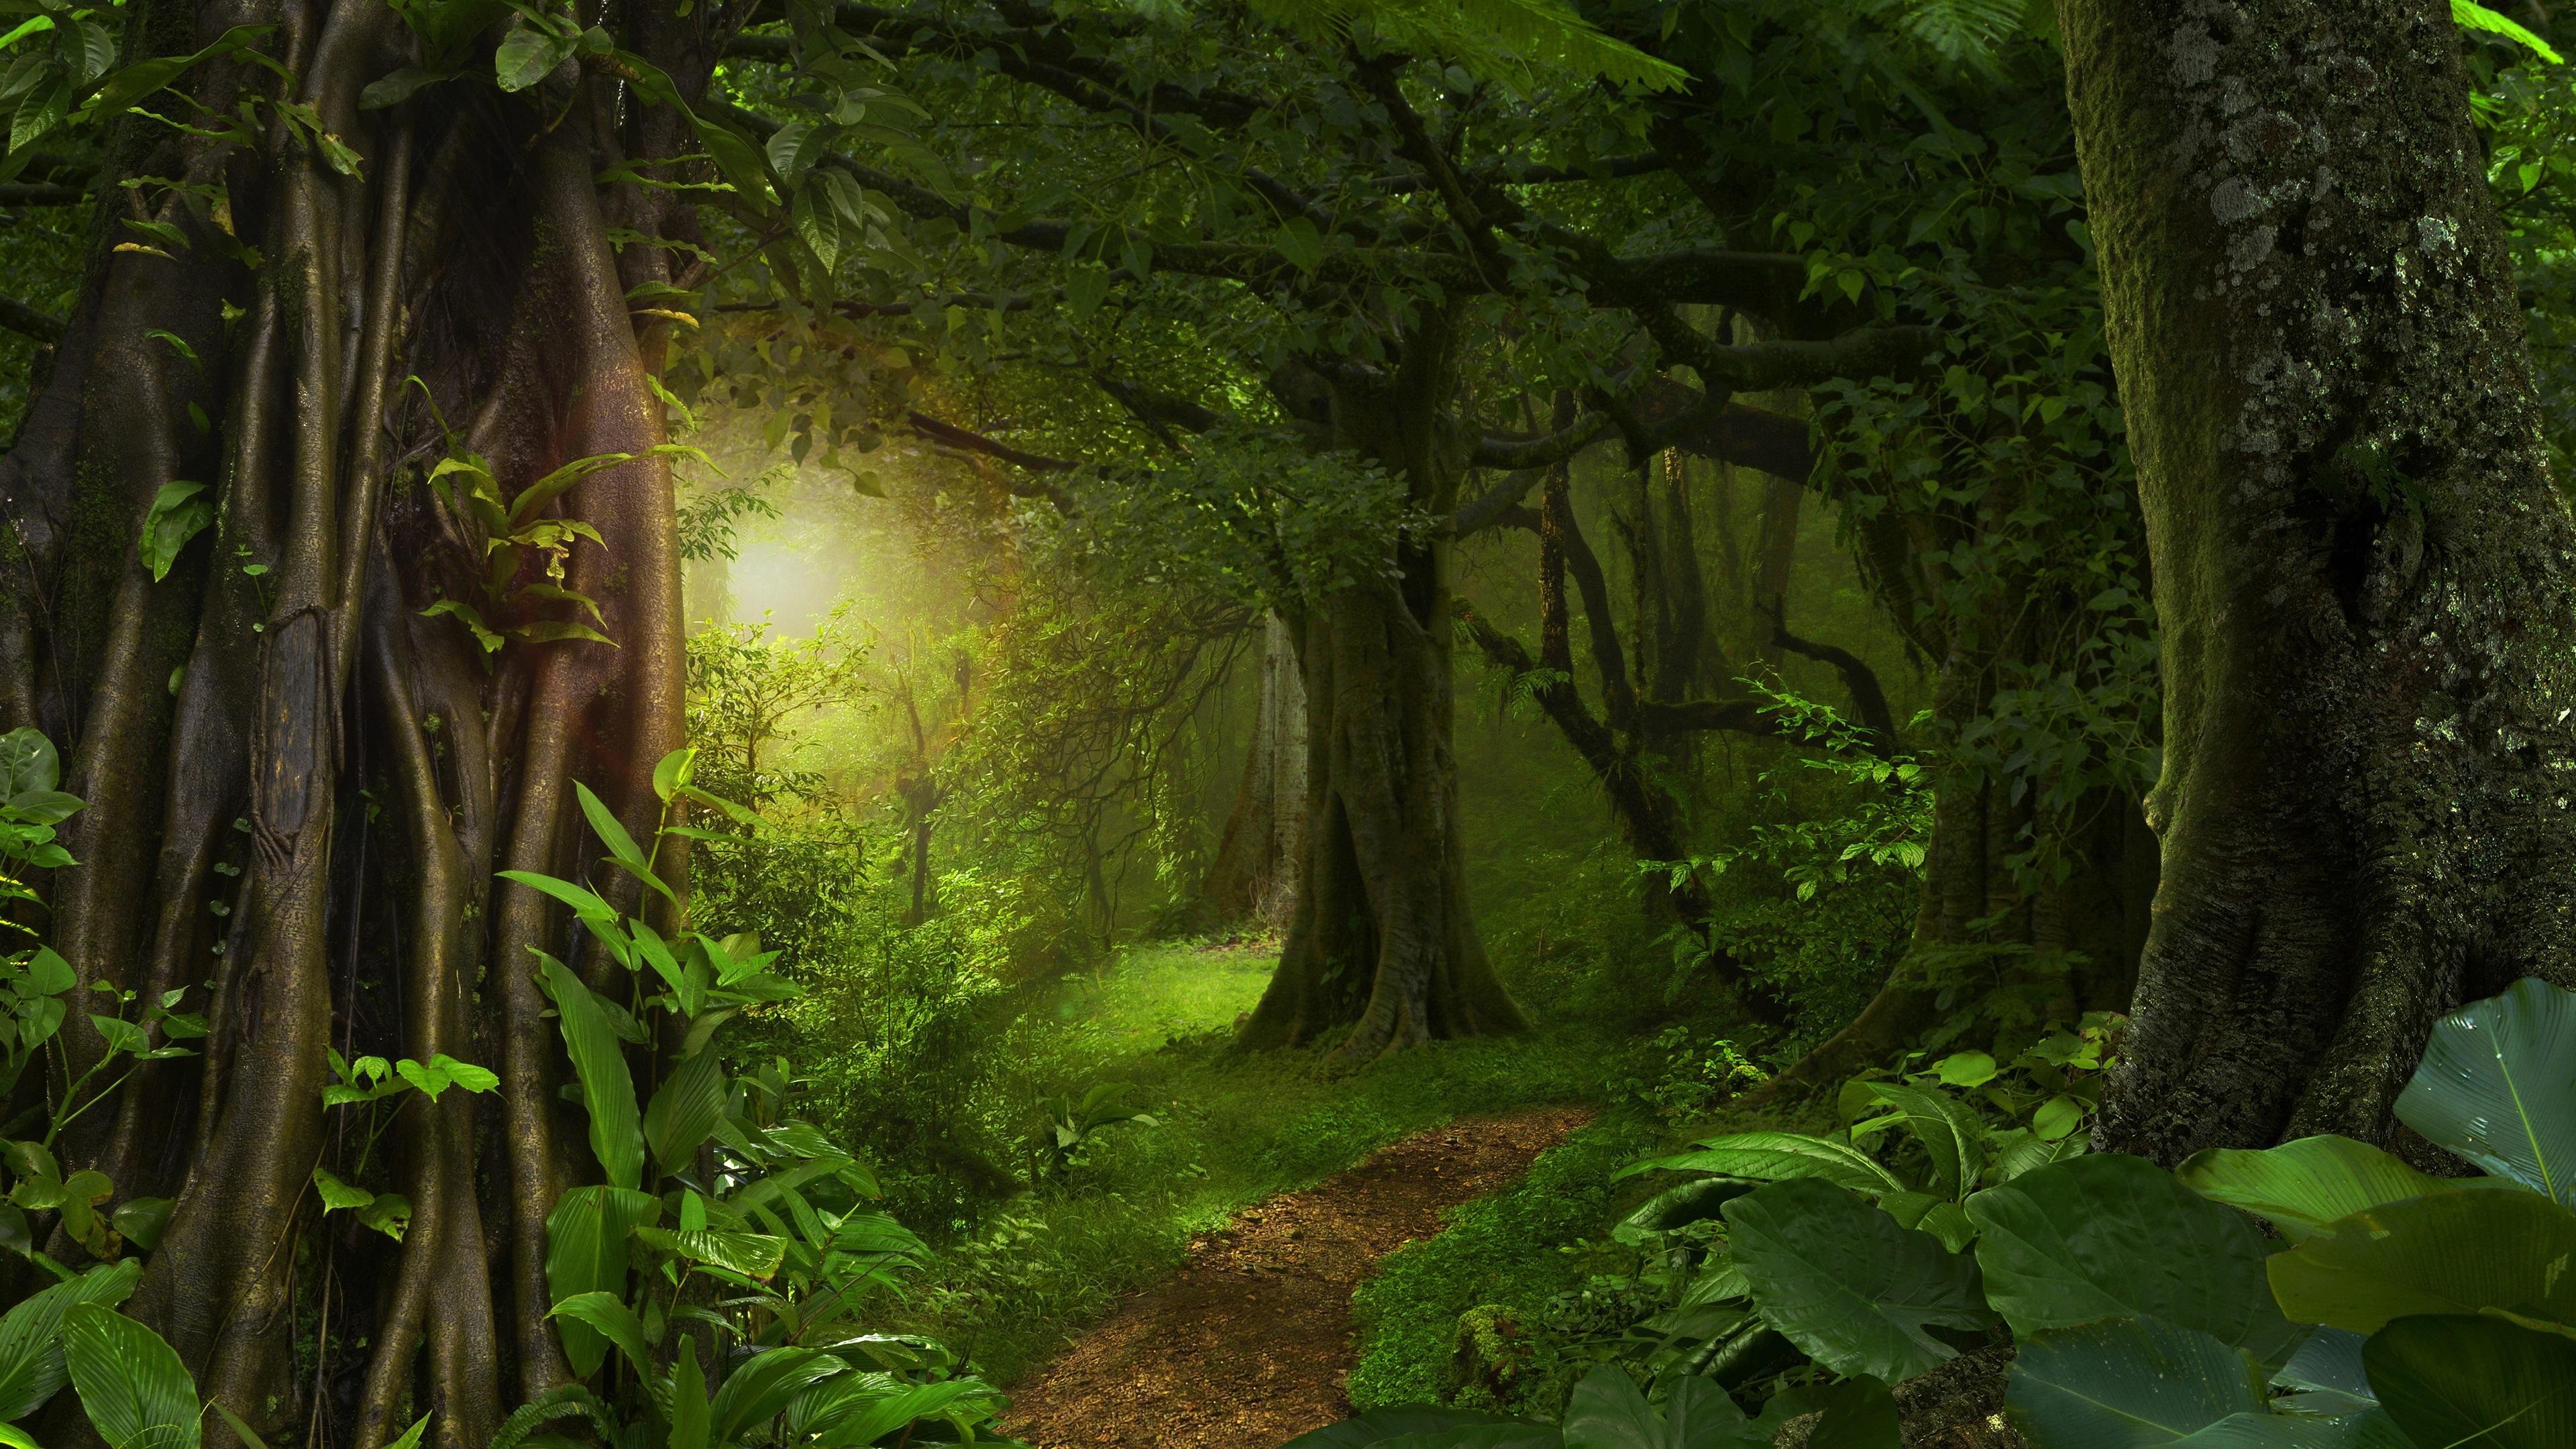 Fondo De Pantalla Selva: Fondos De Pantalla Bosque, Selva, árboles, Camino, Verde